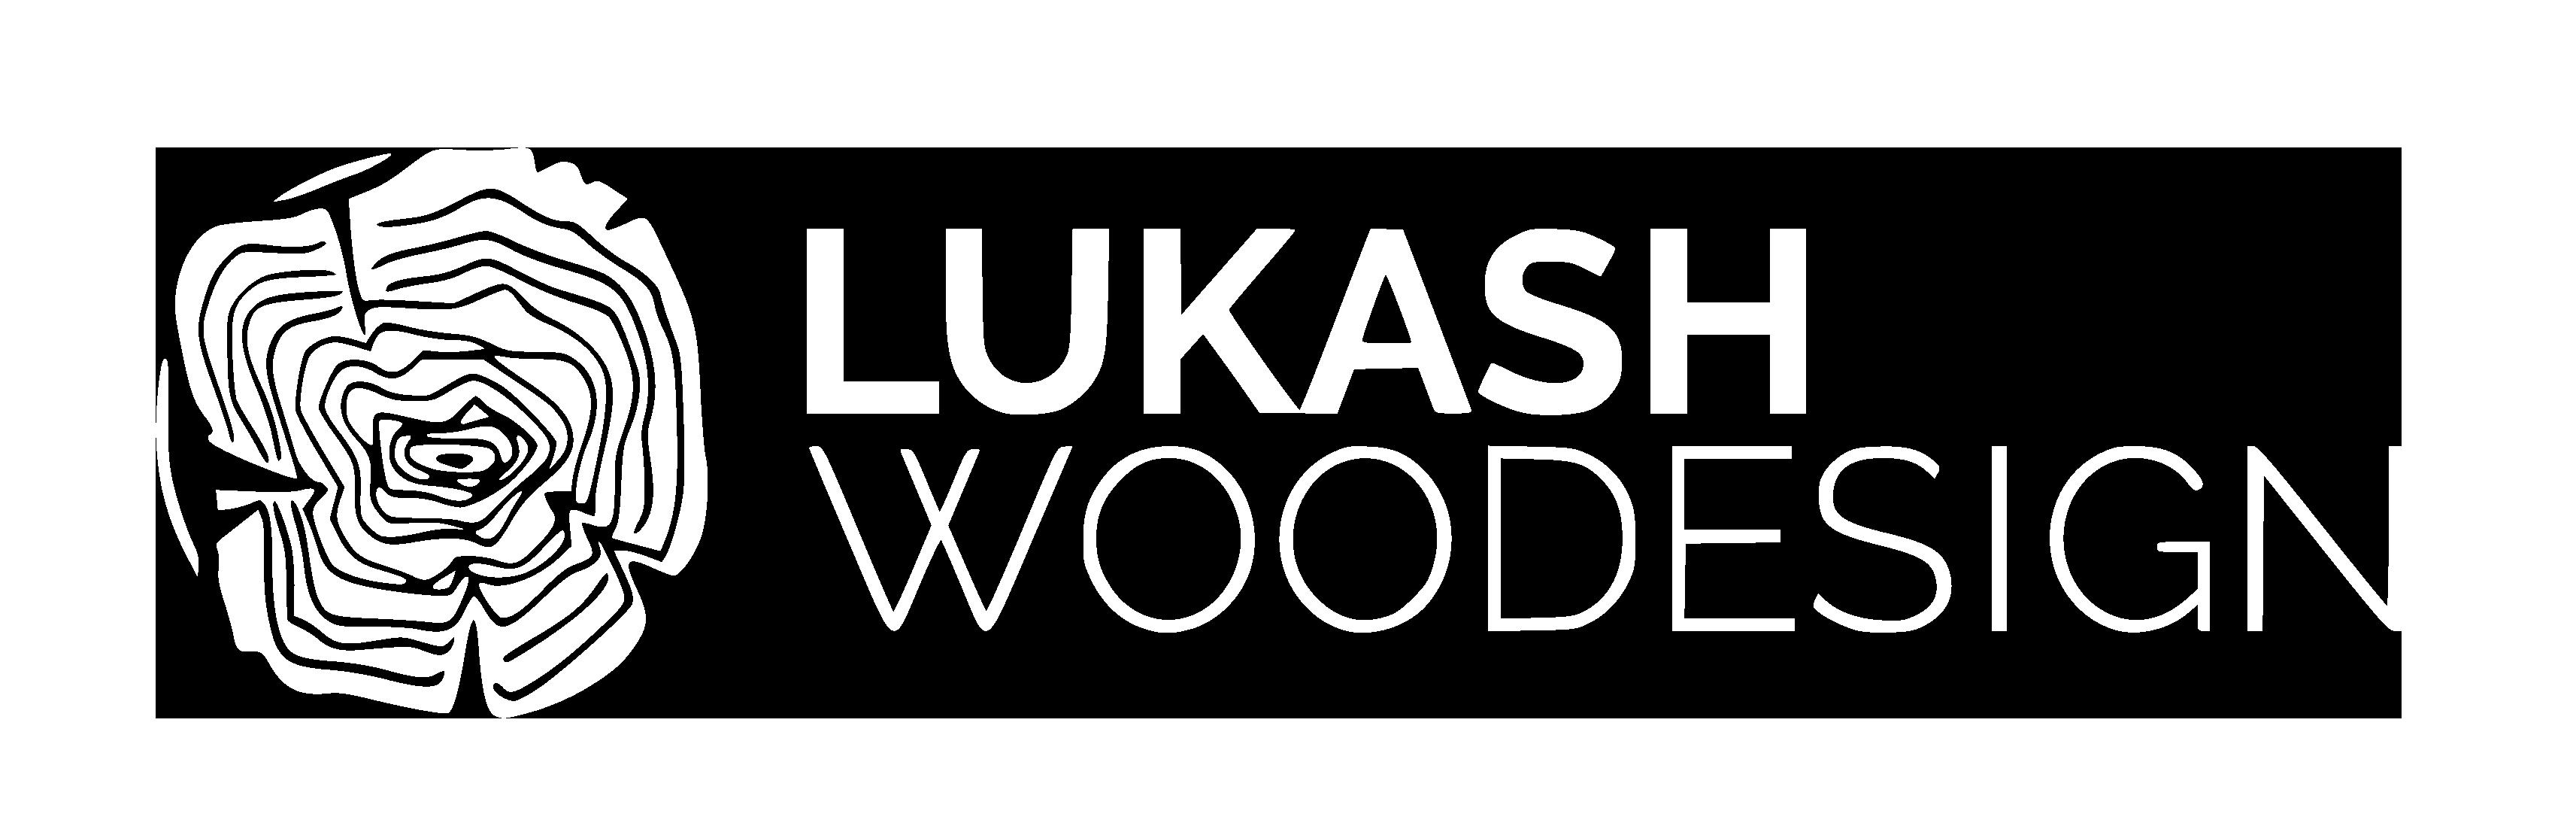 Dřevo má smysl